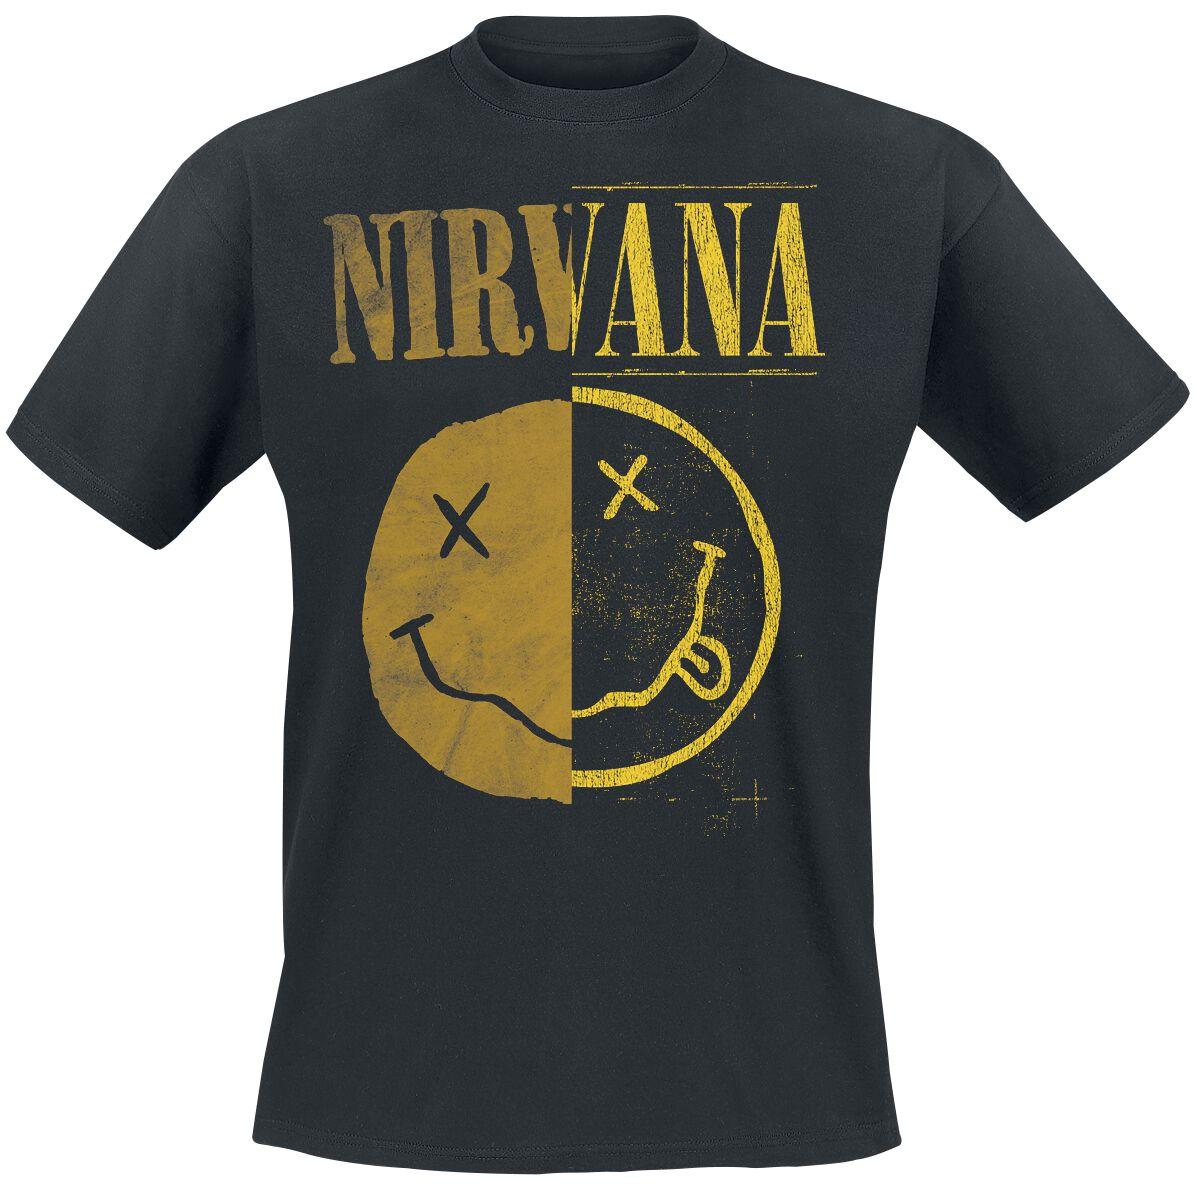 Zespoły - Koszulki - T-Shirt Nirvana Spliced Smiley T-Shirt czarny - 365218